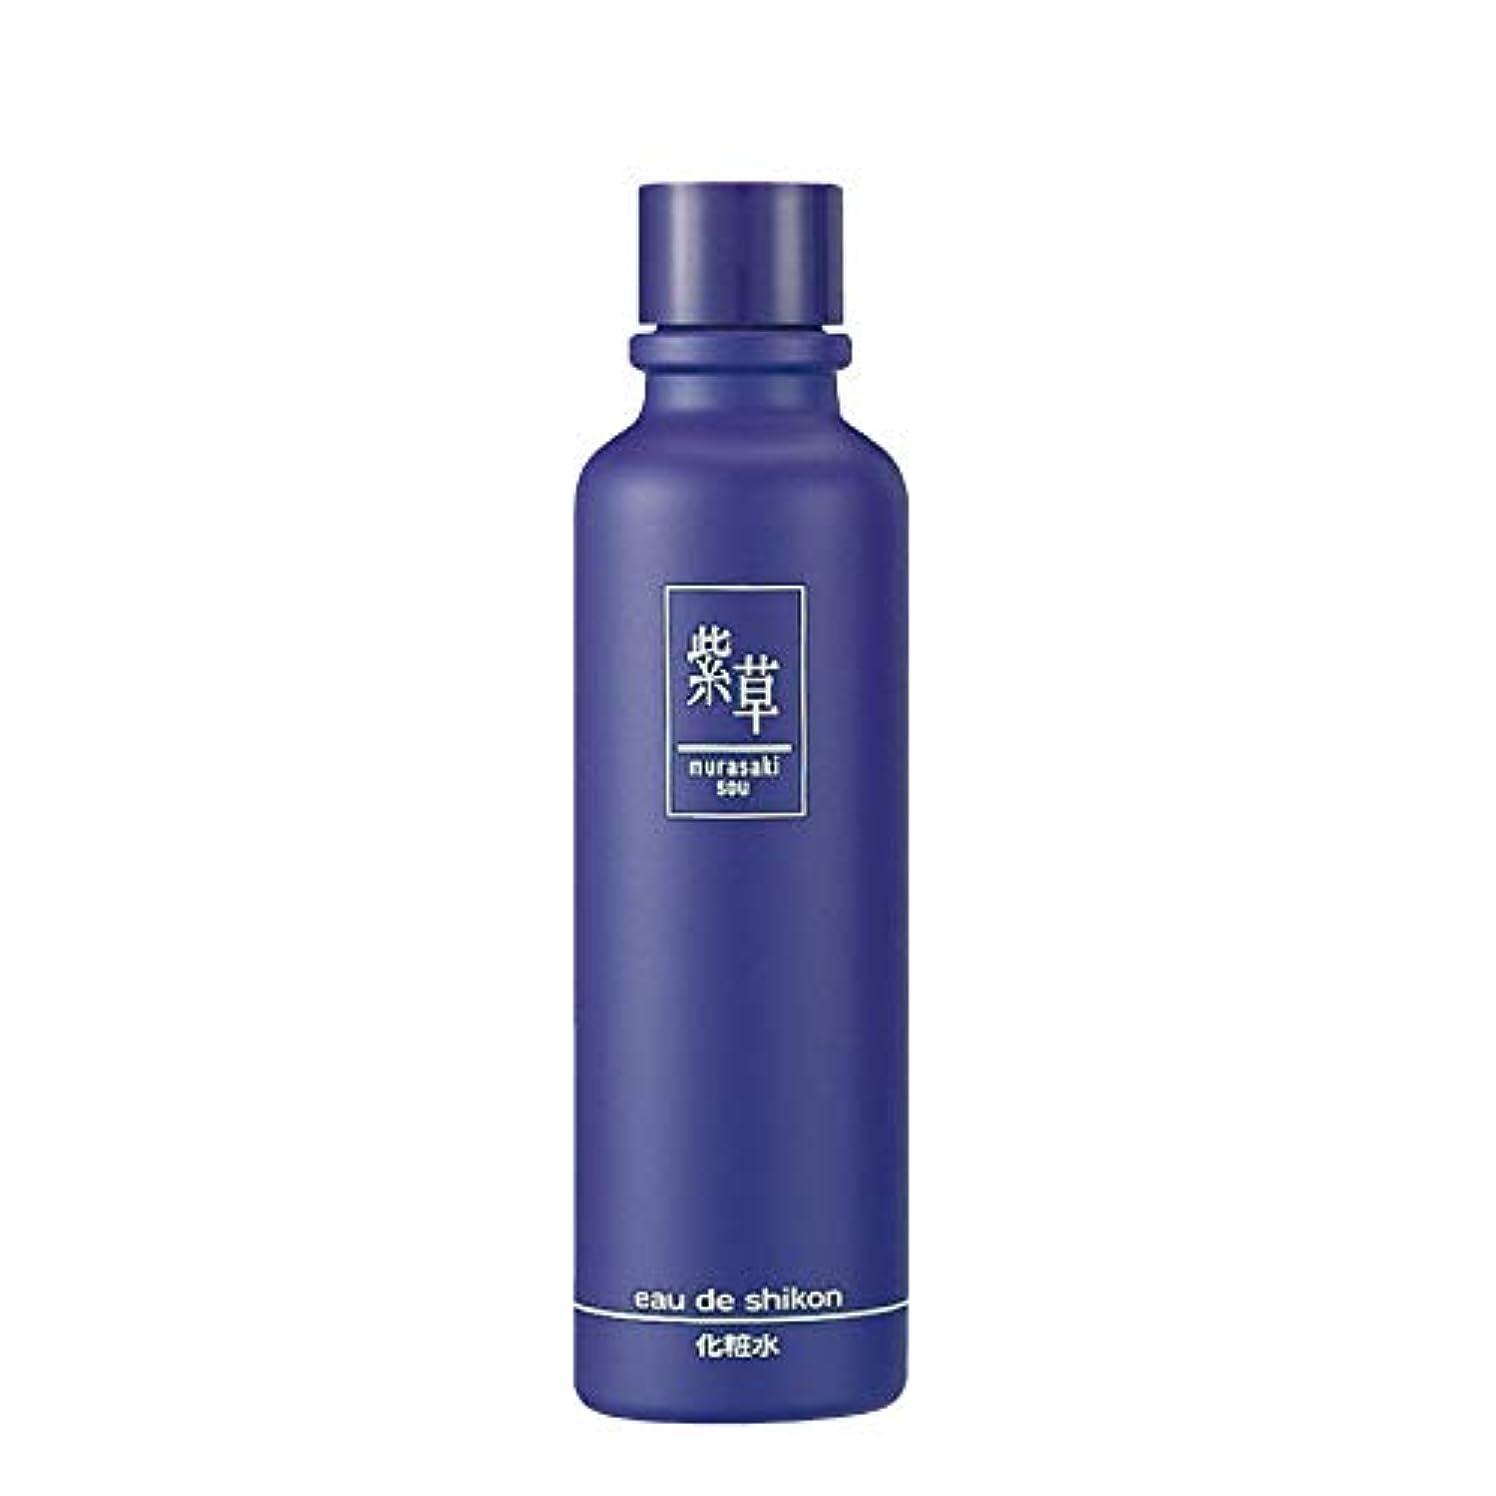 保持するスリットプラカード紫草 オーデシコン無香料(化粧水)